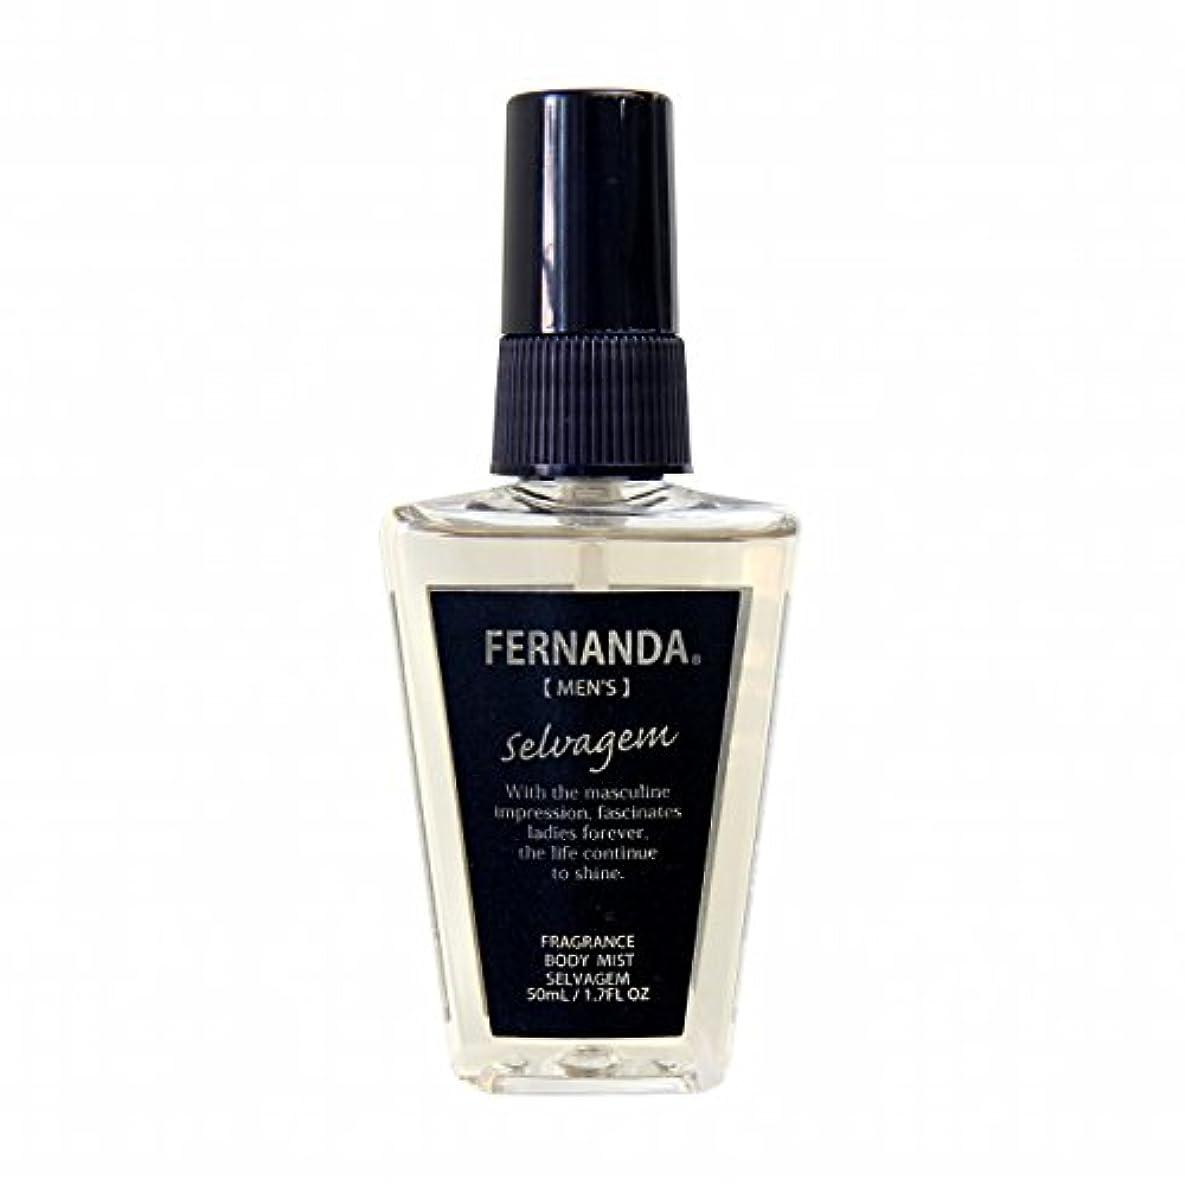 あご三番妻FERNANDA(フェルナンダ) Body Mist For MEN Selvagem (ボディミスト フォーメン セルヴァジェン)